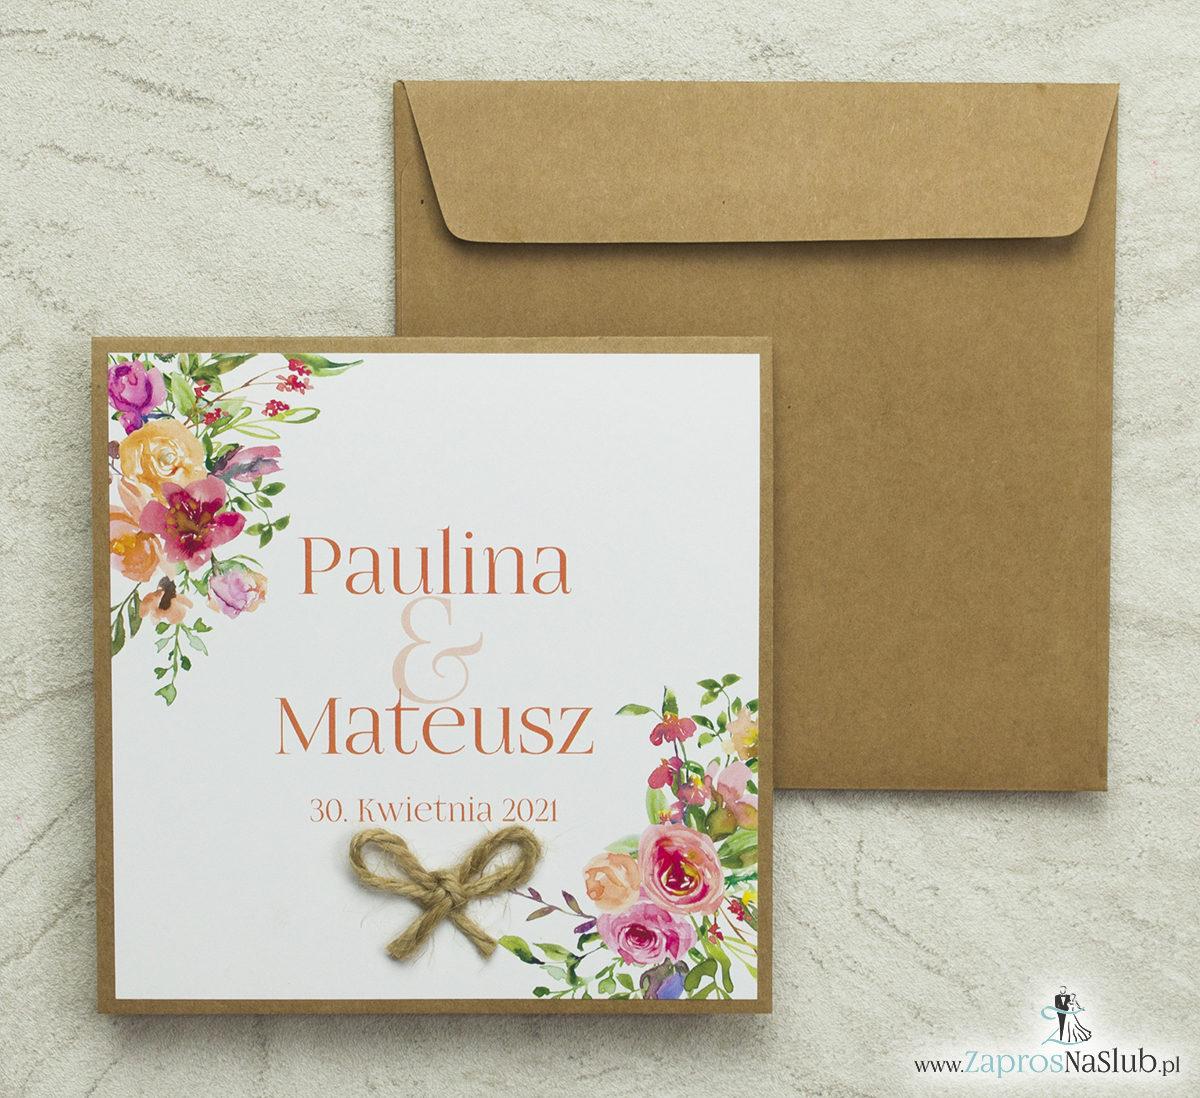 Kwiatowe zaproszenia ślubne EKO, ze sznurkiem jutowym i polnymi kwiatani w odcieniach różu, czerwieni, pomarańczy. Wklejane wnętrze. ZAP-38-03